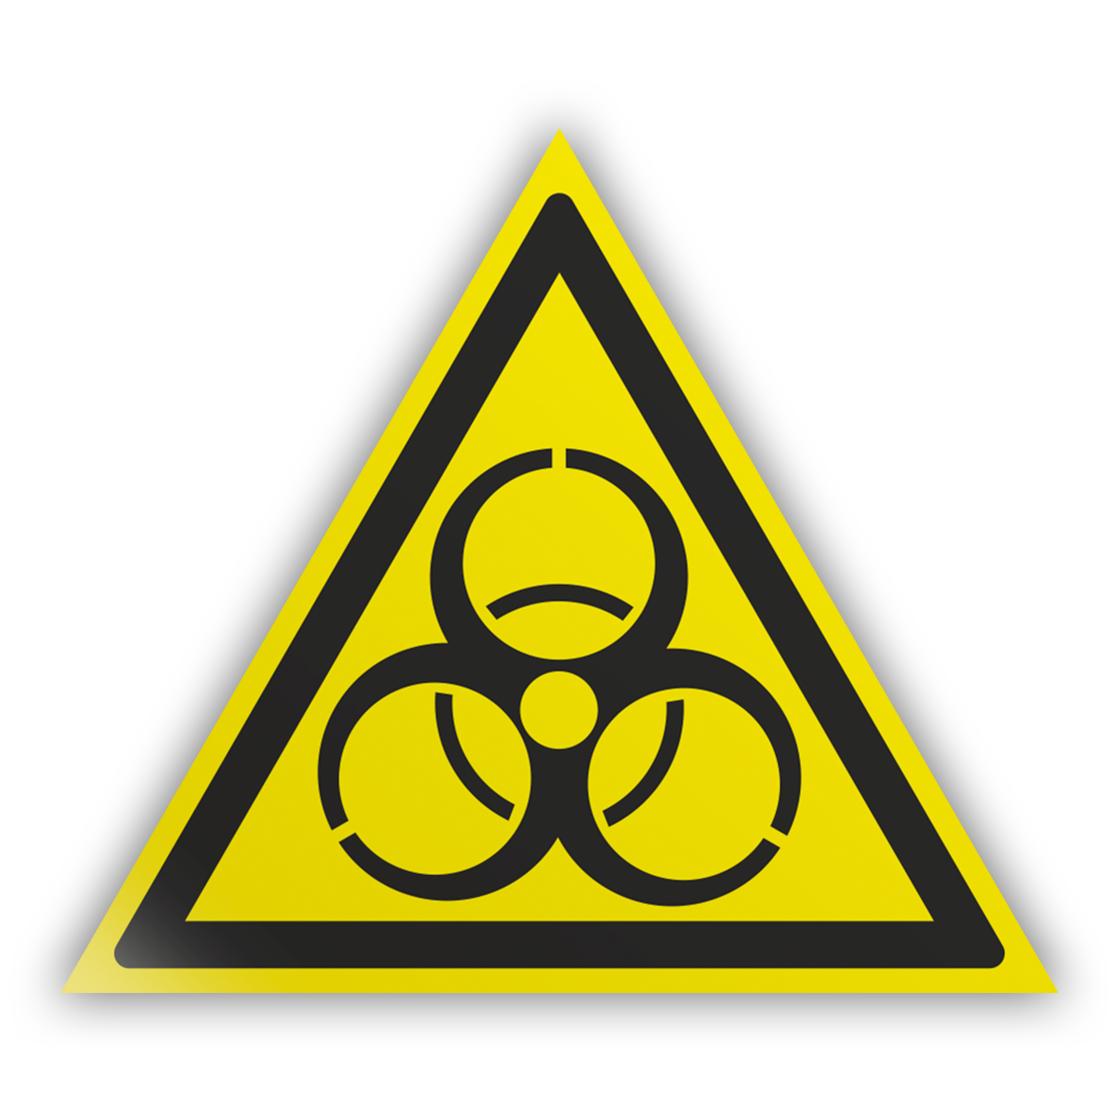 Знак на пленке W16 «Осторожно! биологическая опасность (инфекционные вещества)» (самоклеящаяся наклейка, сторона 200 мм)